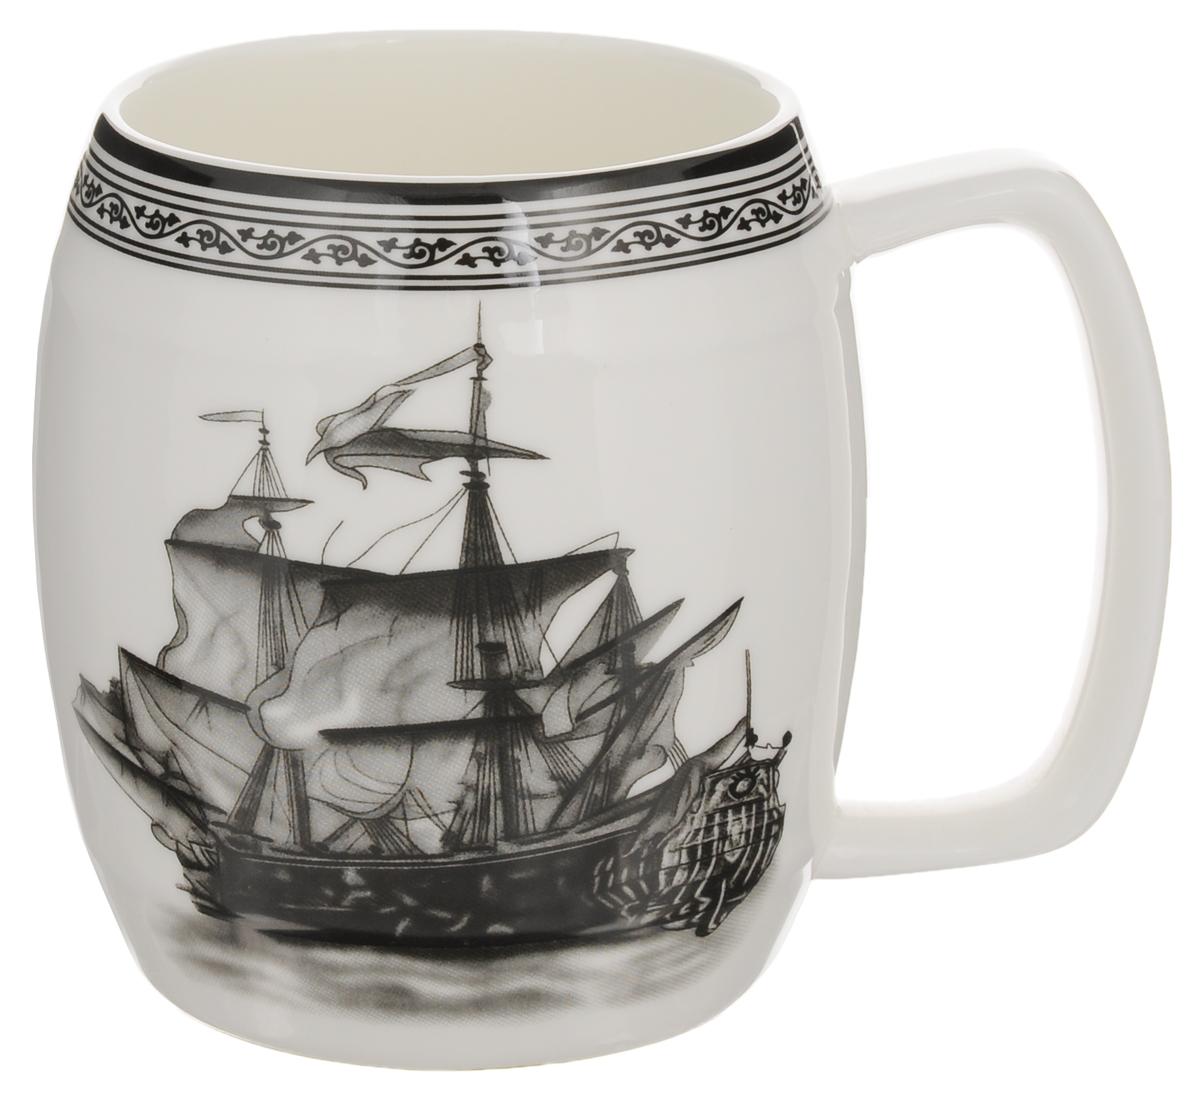 Кружка Elan Gallery Корабль, 700 мл54 009312Кружка Elan Gallery Корабль, изготовленная из высококачественной керамики, подходит для тех, кто предпочитает большие кружки и для любителей чая, кофе и пенных напитков.Изделие сочетает в себе изысканный дизайн с максимальной функциональностью. Такая кружка станет оригинальным подарком для ваших родных и близких. Диаметр кружки (по верхнему краю): 8,8 см.Высота кружки: 11,5 см.